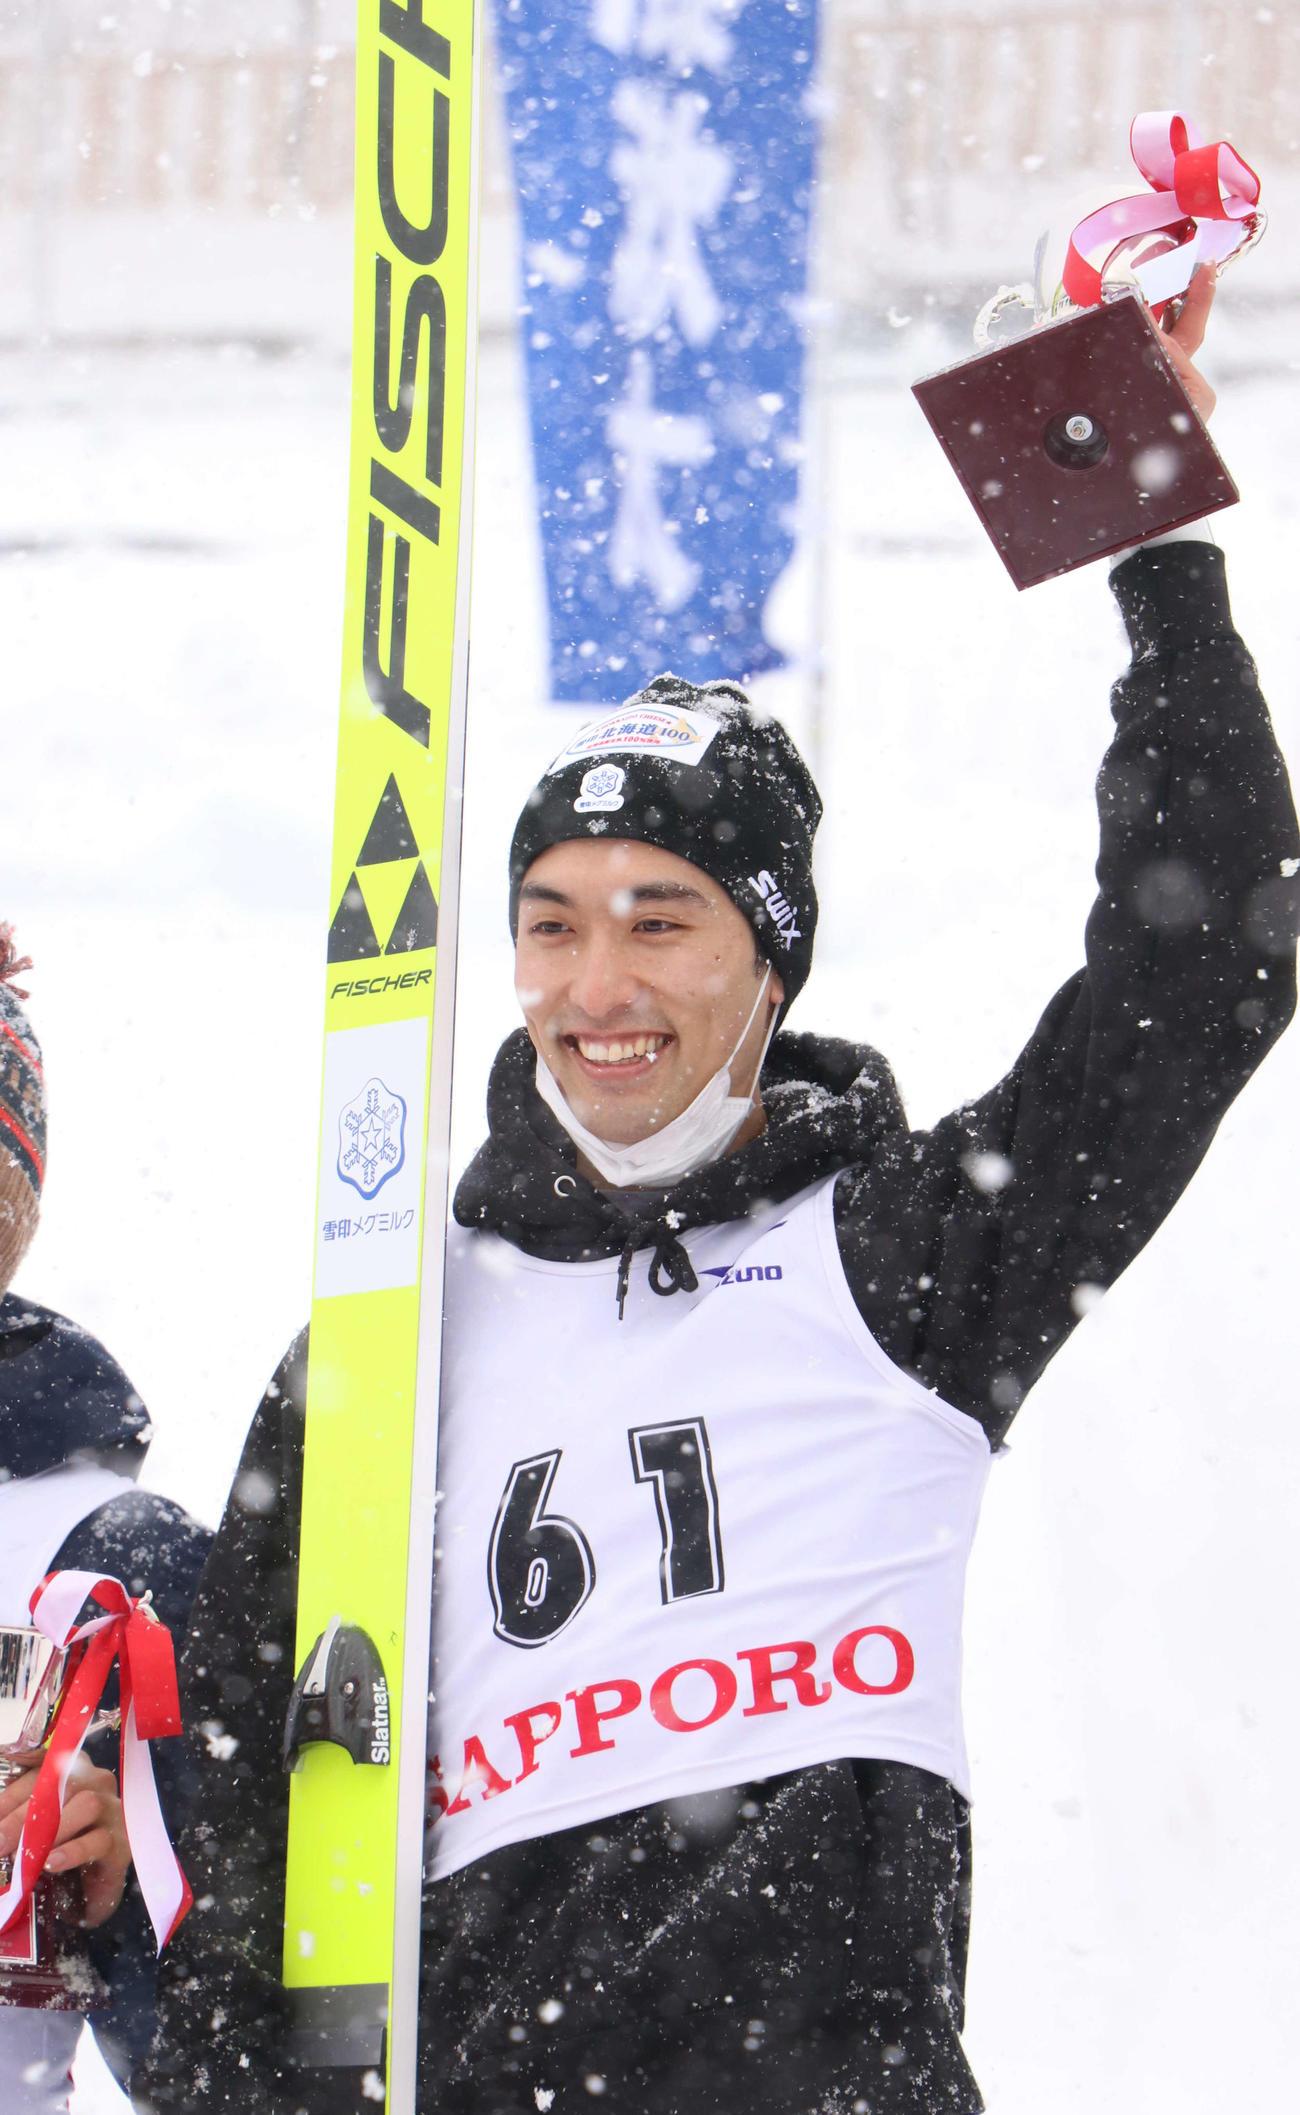 男子で2連覇した清水は表彰台でトロフィーを掲げる(撮影・浅水友輝)